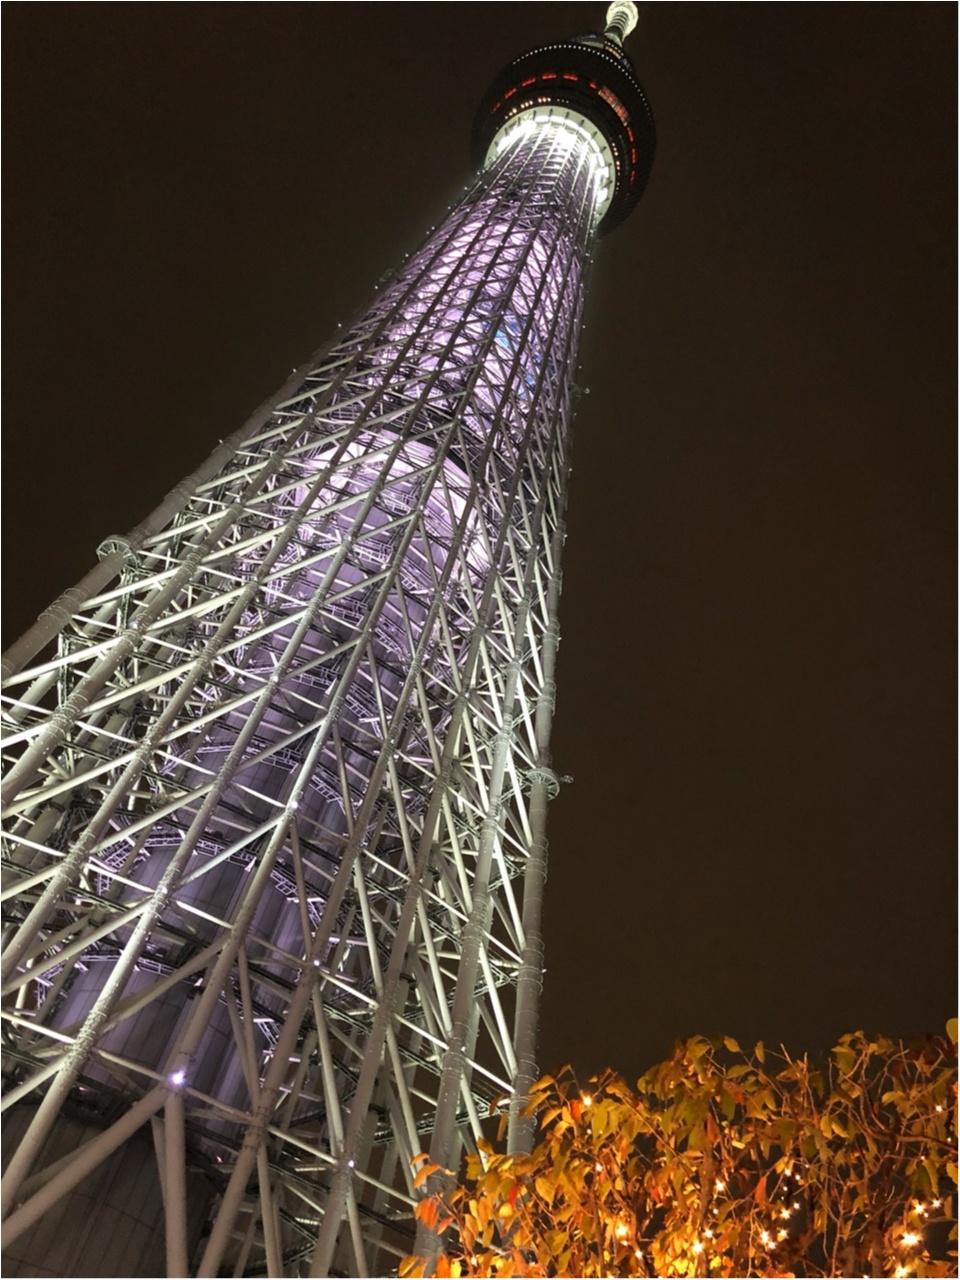 東京スカイツリーに登らずとも楽しめる!ピンクのお花のツリーが可愛いイルミネーション!!_1